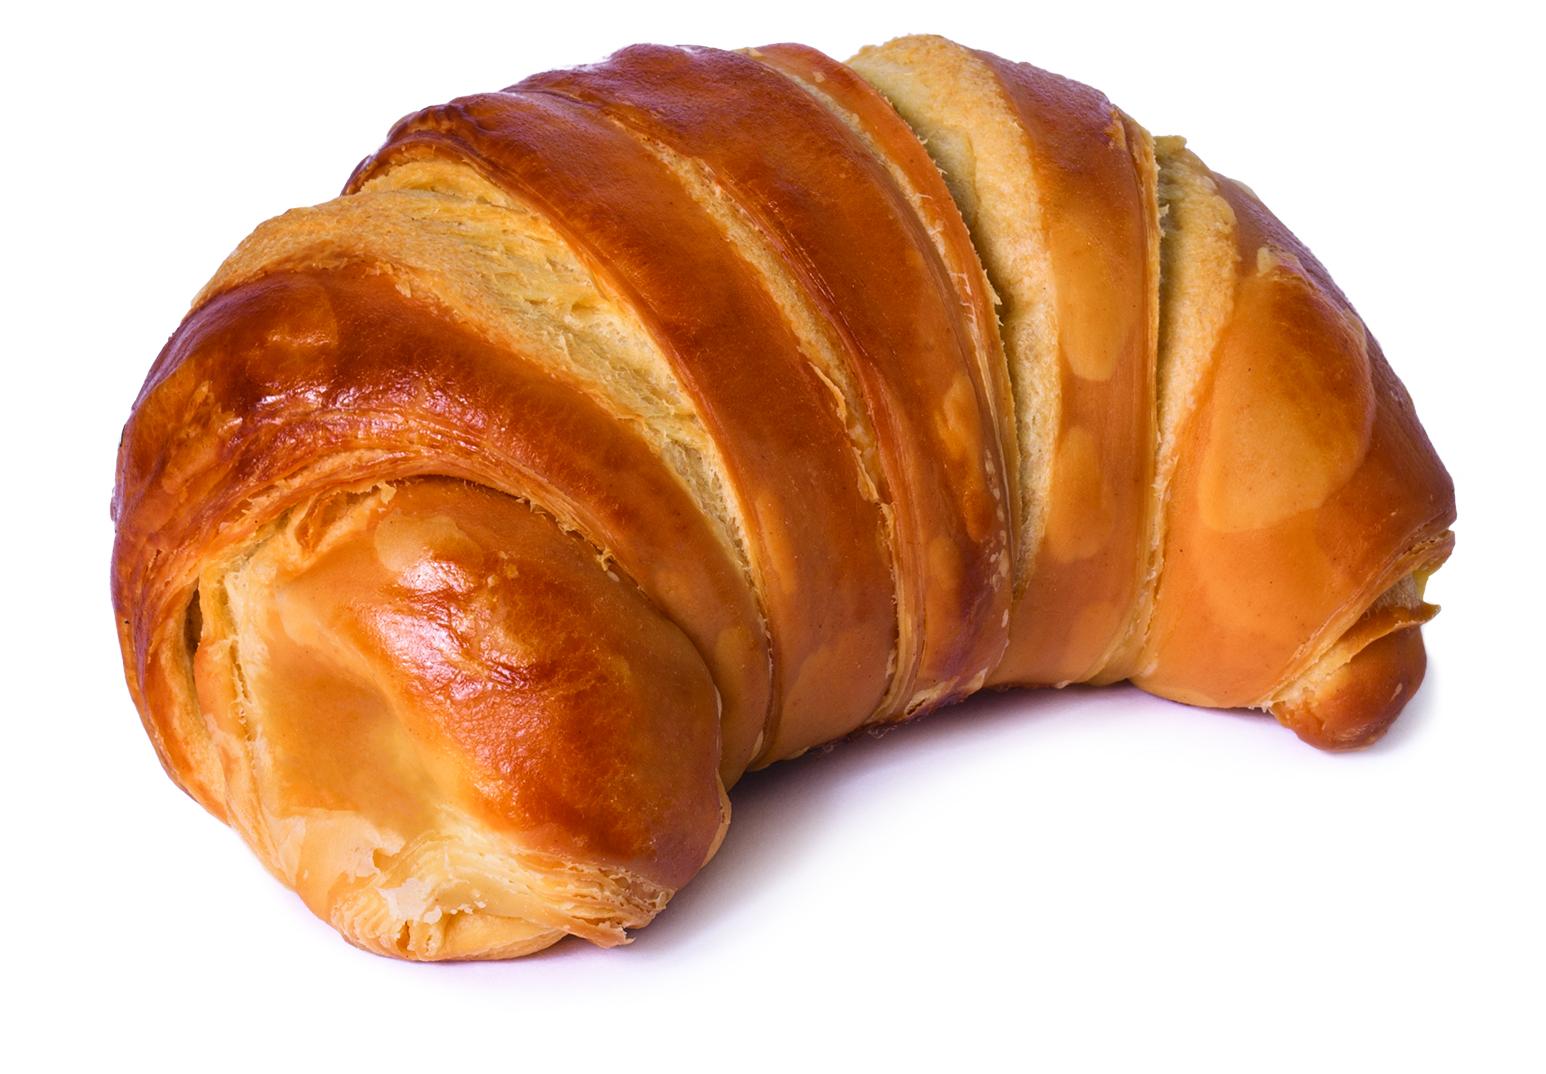 Lanche - Croissants Croissants - Chocolate